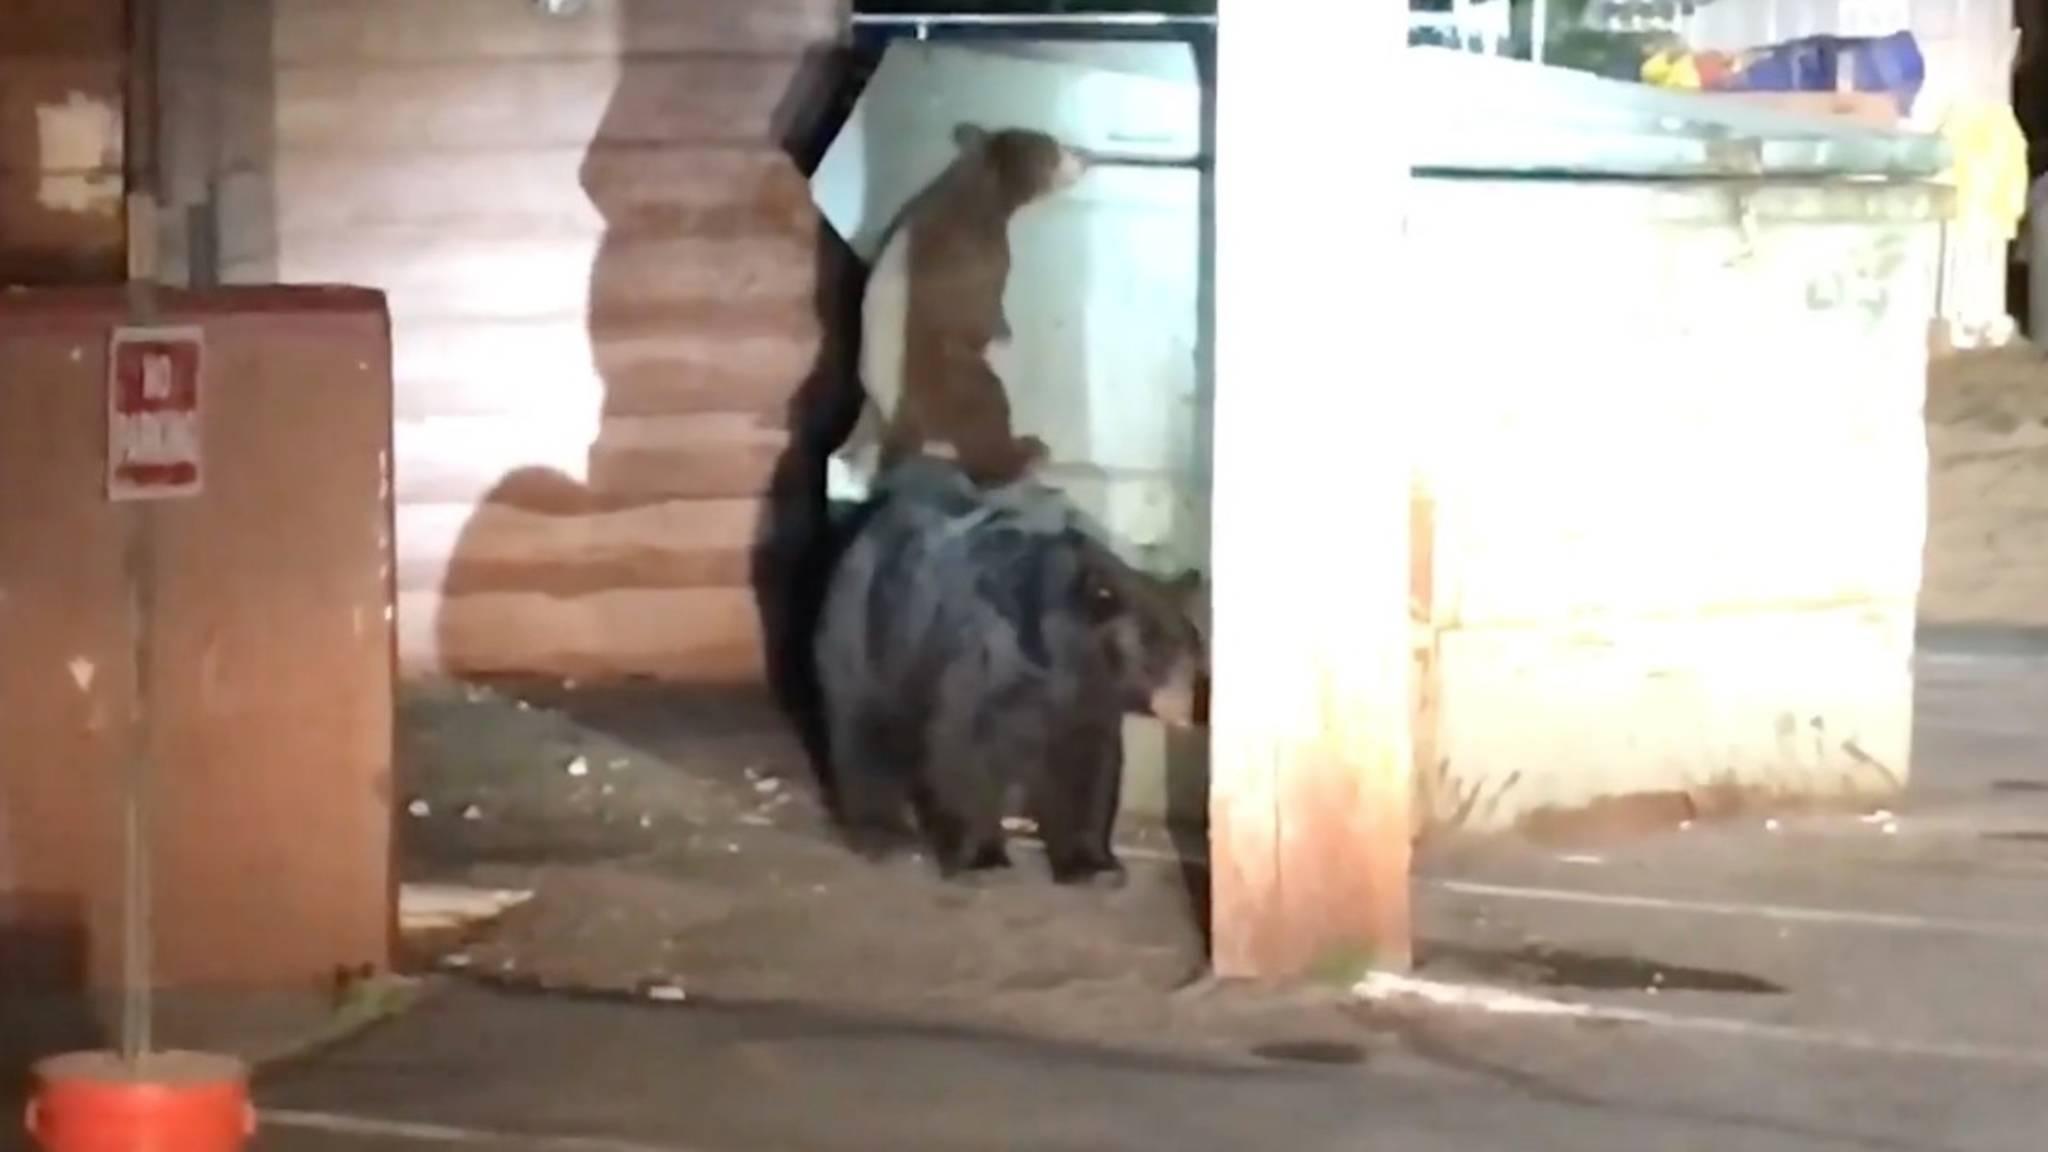 Junger Bär fällt in Müllcontainer – sein Geschwisterchen versucht, ihn zu retten